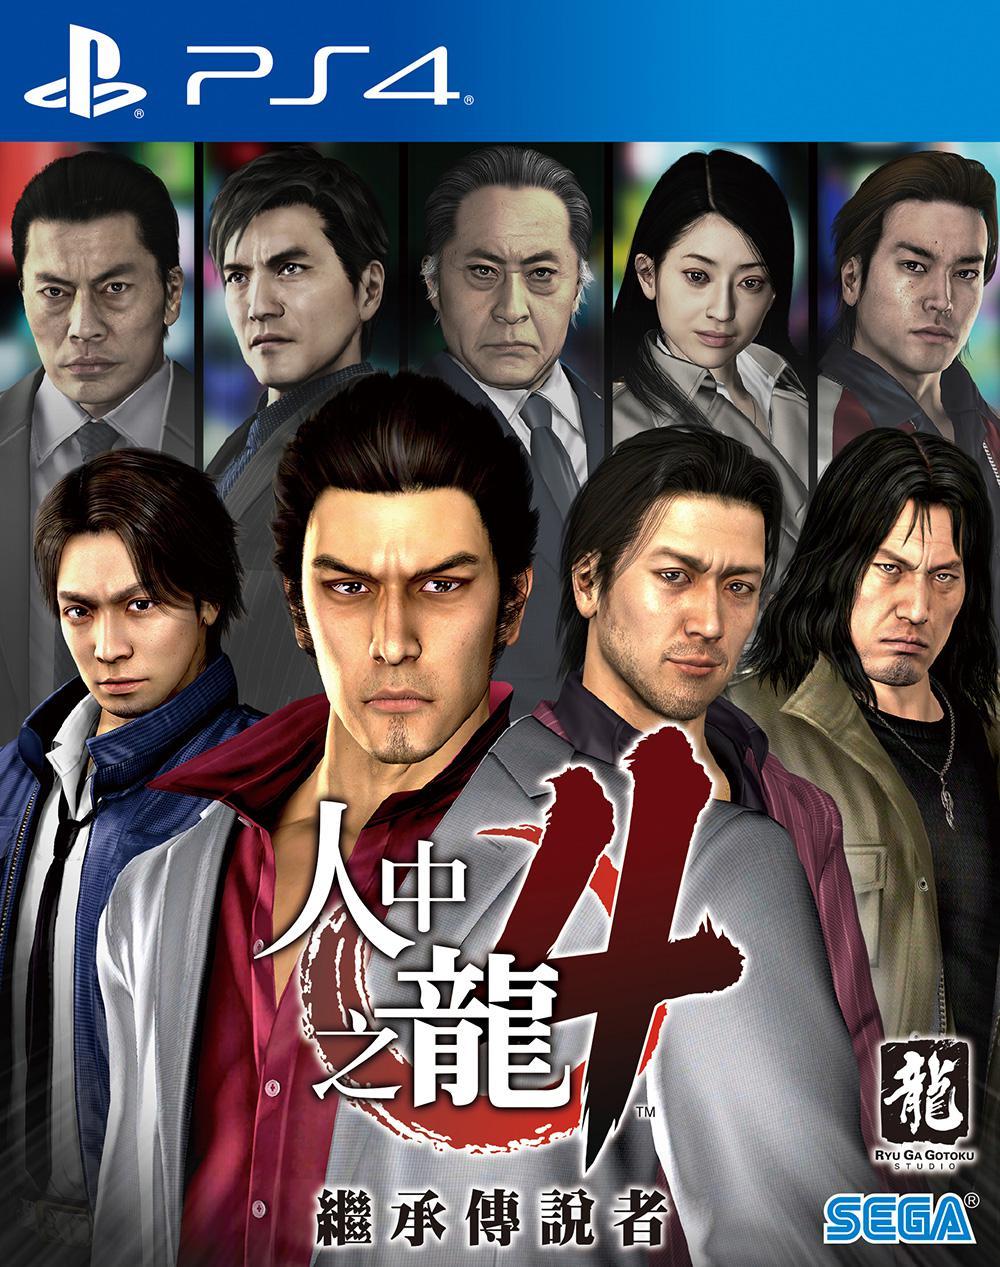 PS4《人中之龍5:實現夢想者》繁體中文版今日發售 | 電玩01